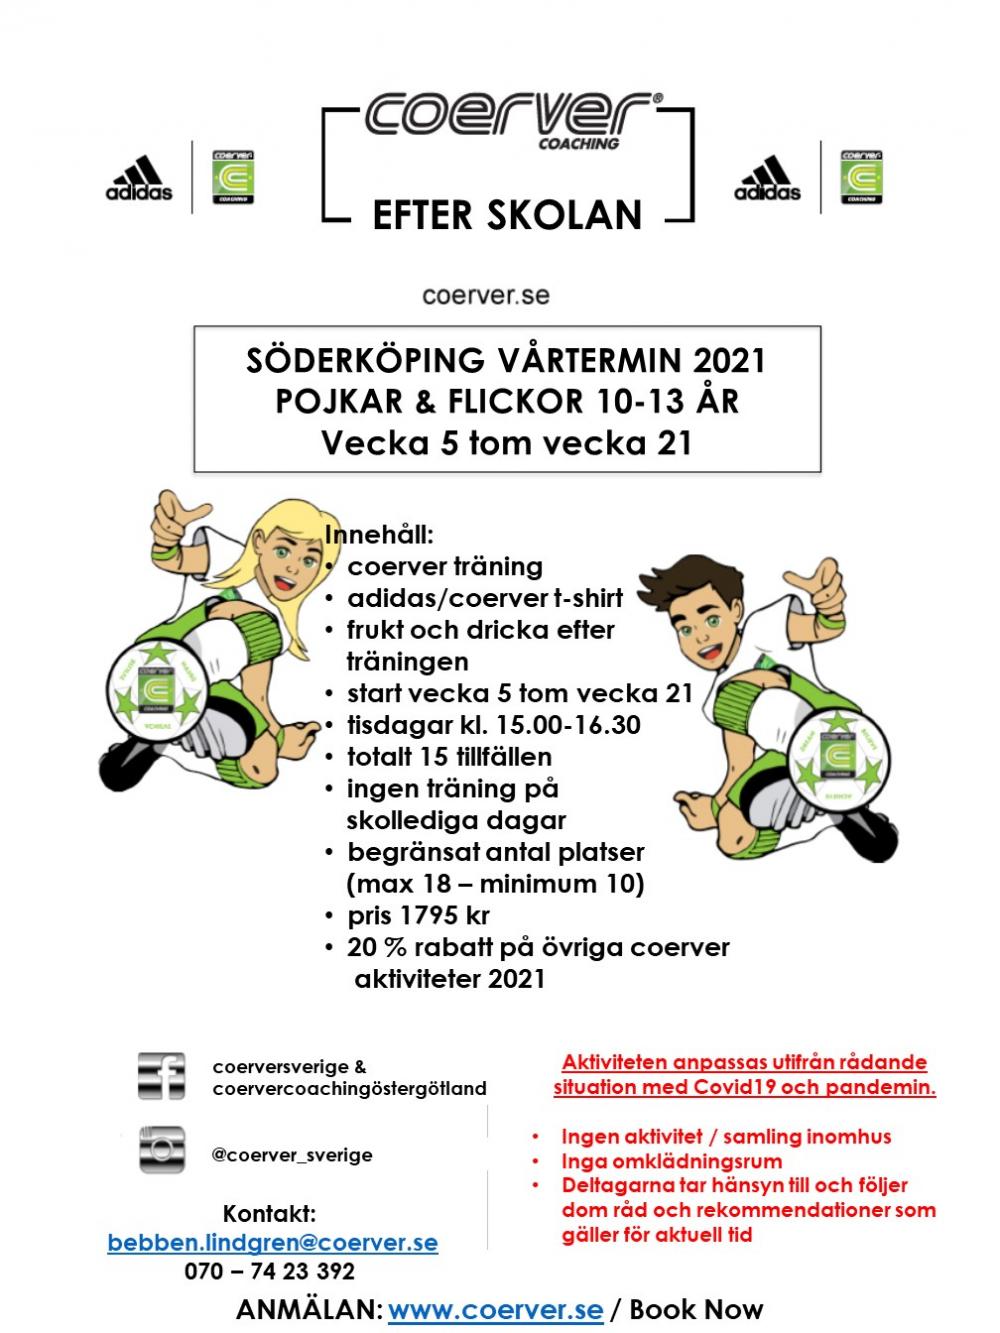 Coerver Efter Skolan Söderköping Vår 2021